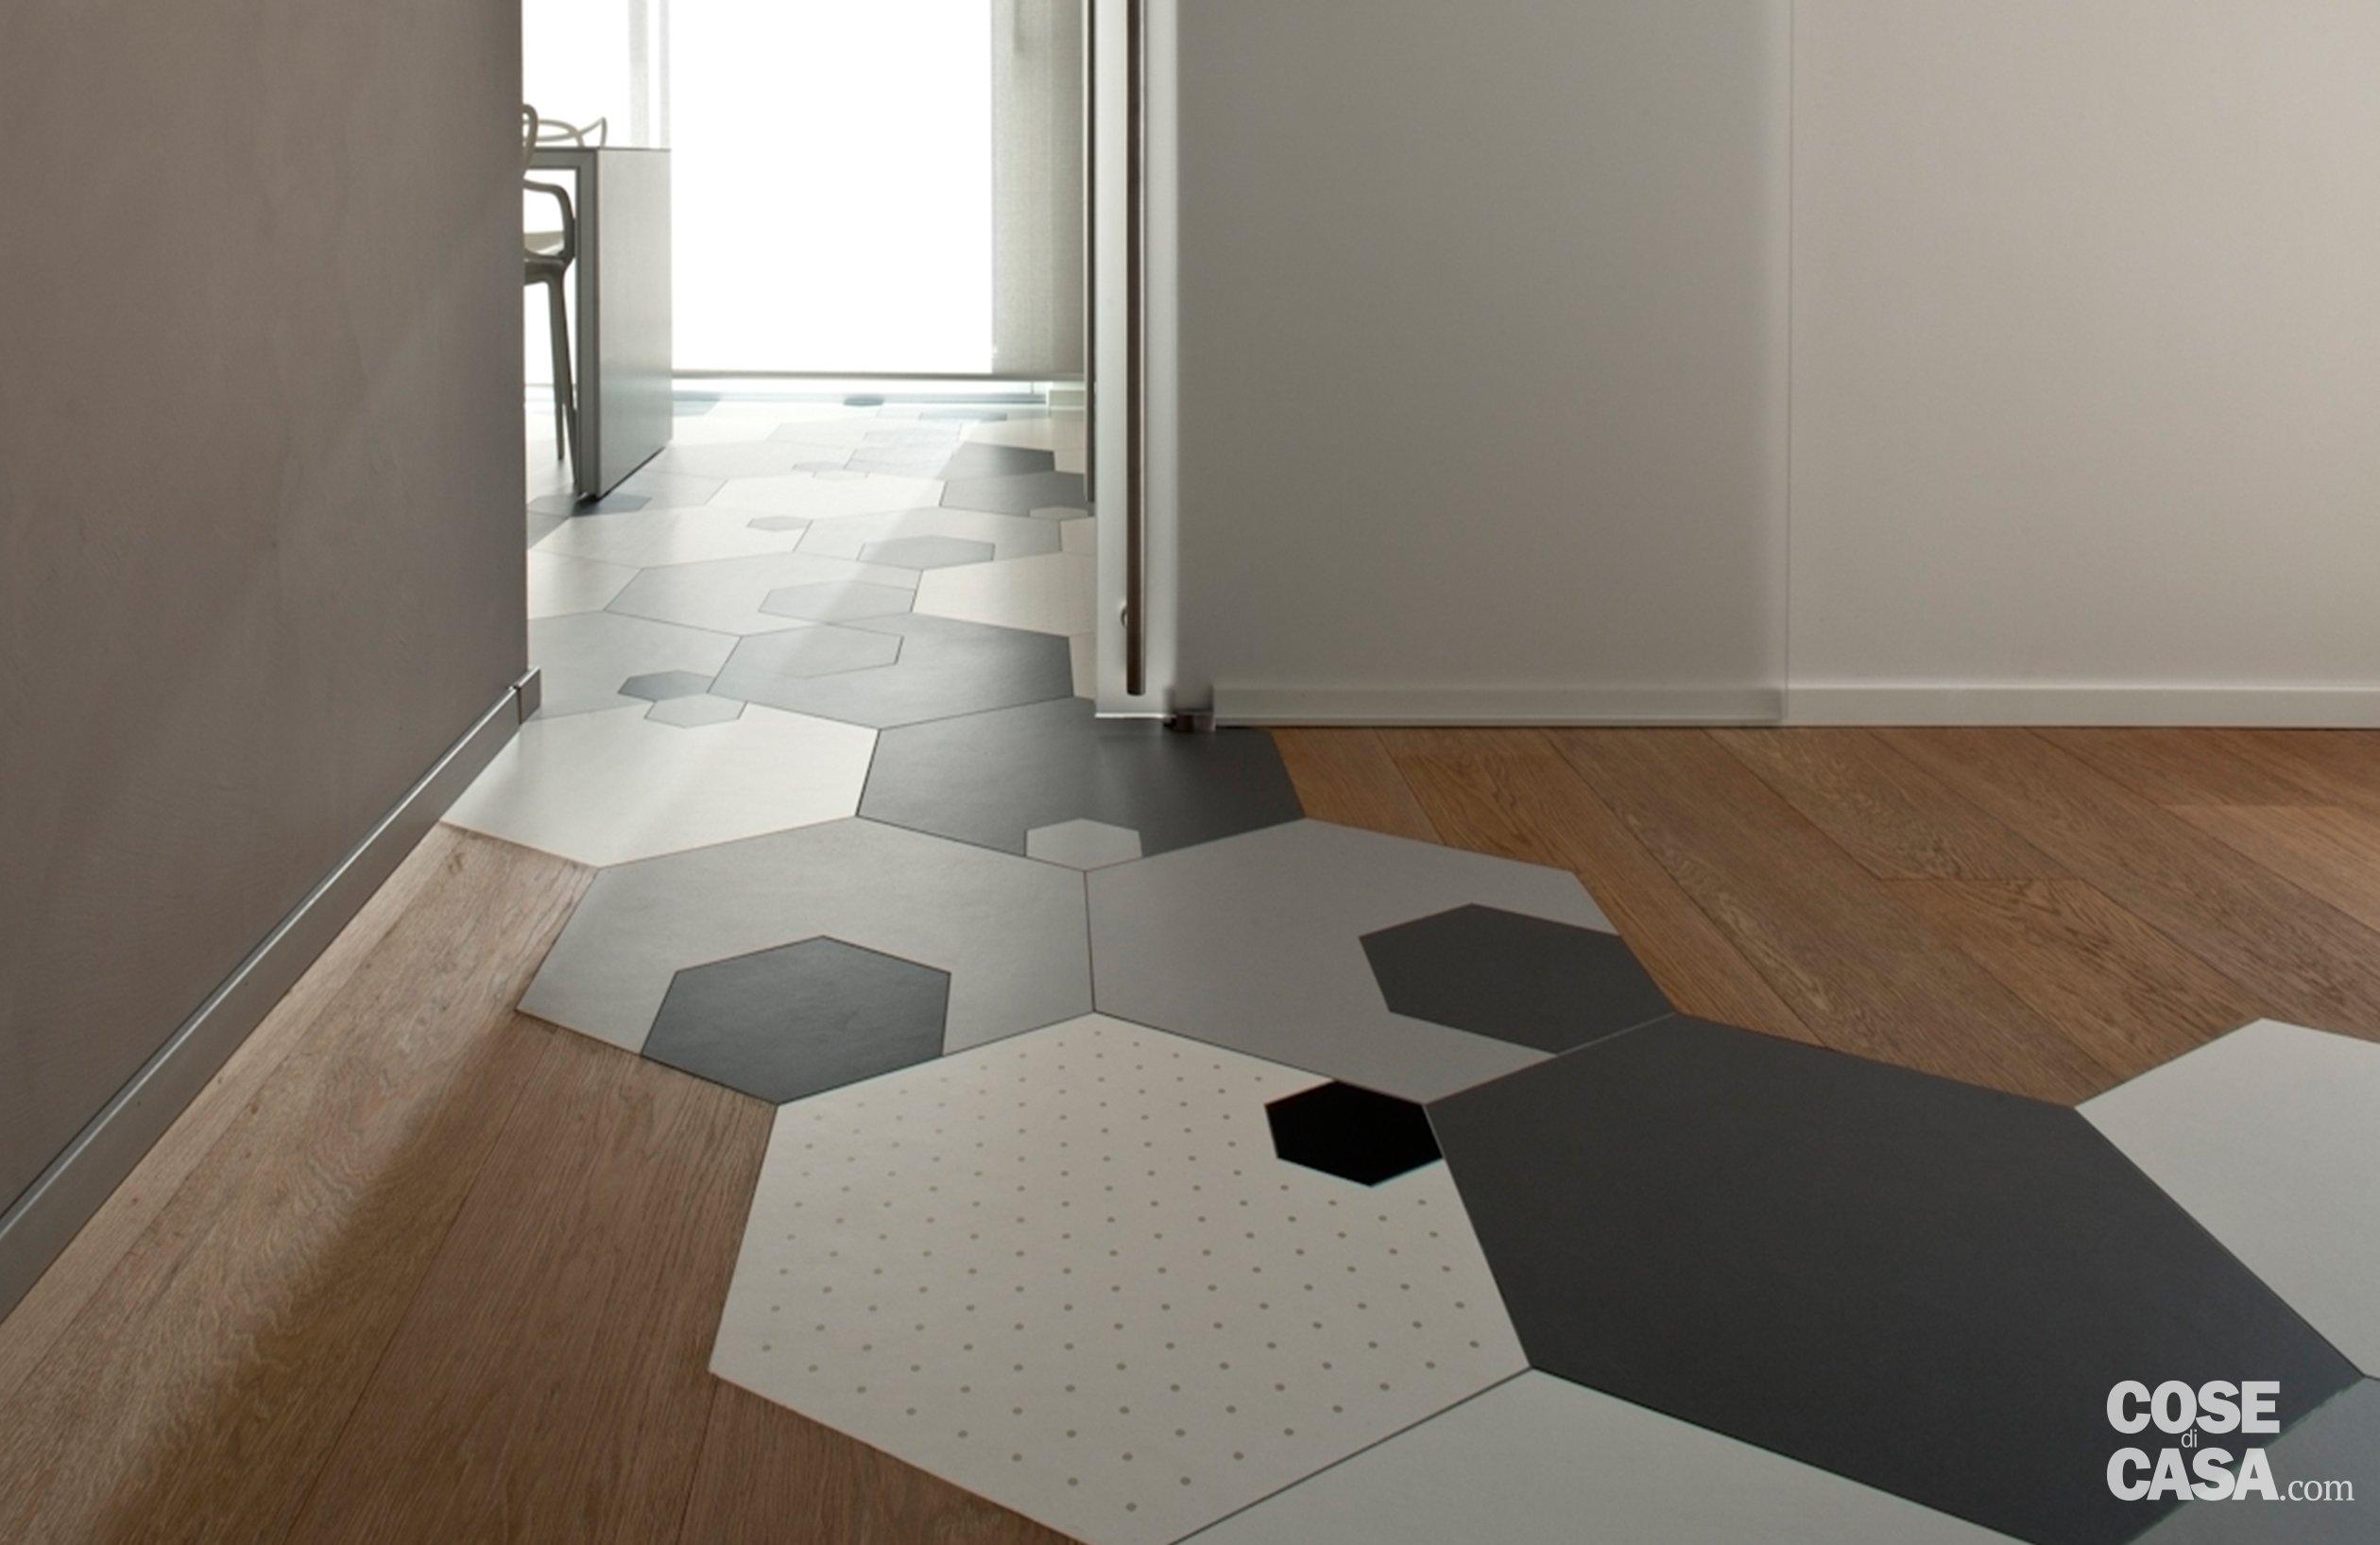 Soluzioni da copiare nella casa con percorso di piastrelle esagonali